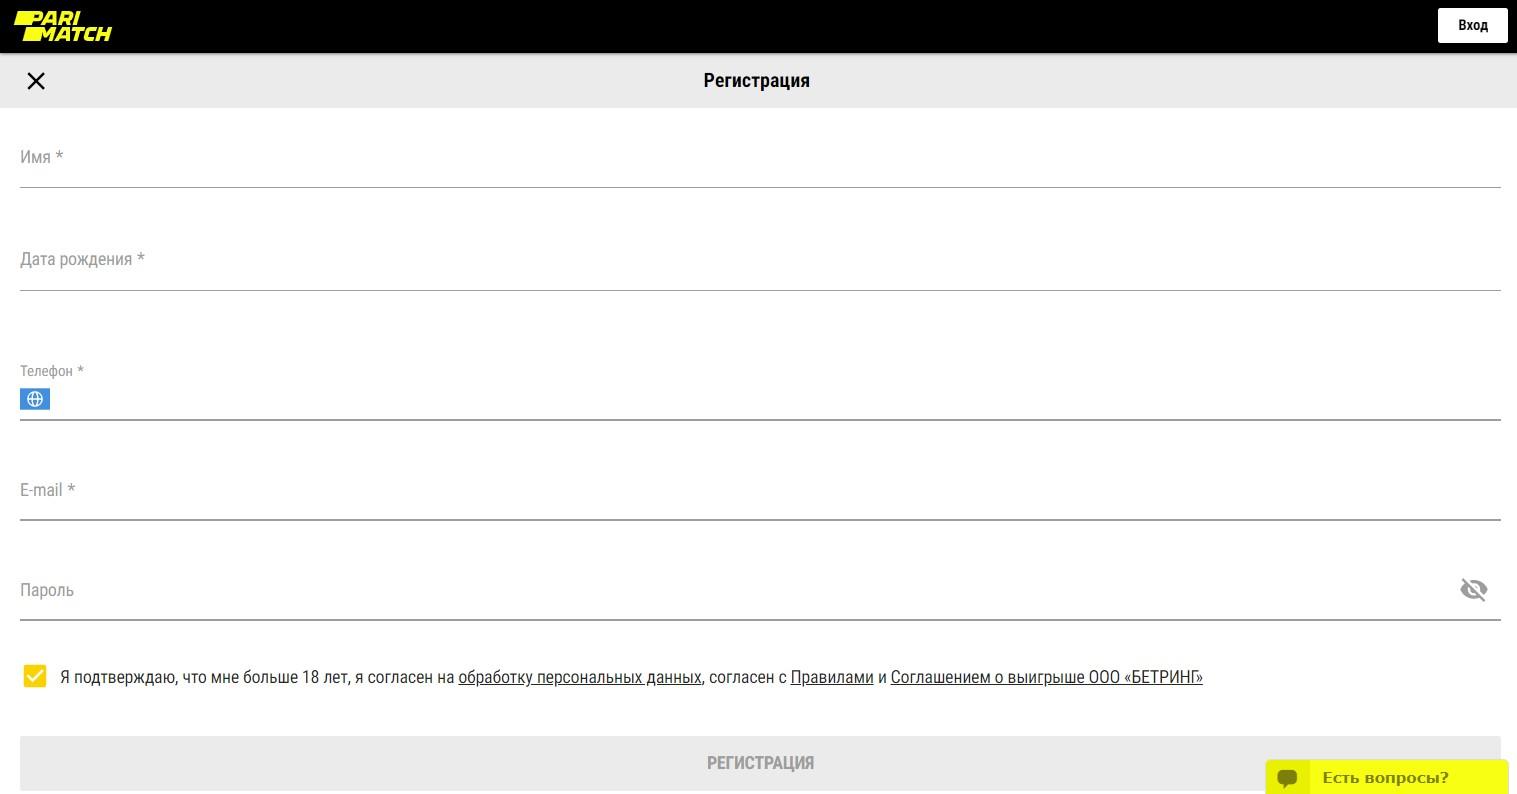 ПариМатч – обзор букмекерской конторы